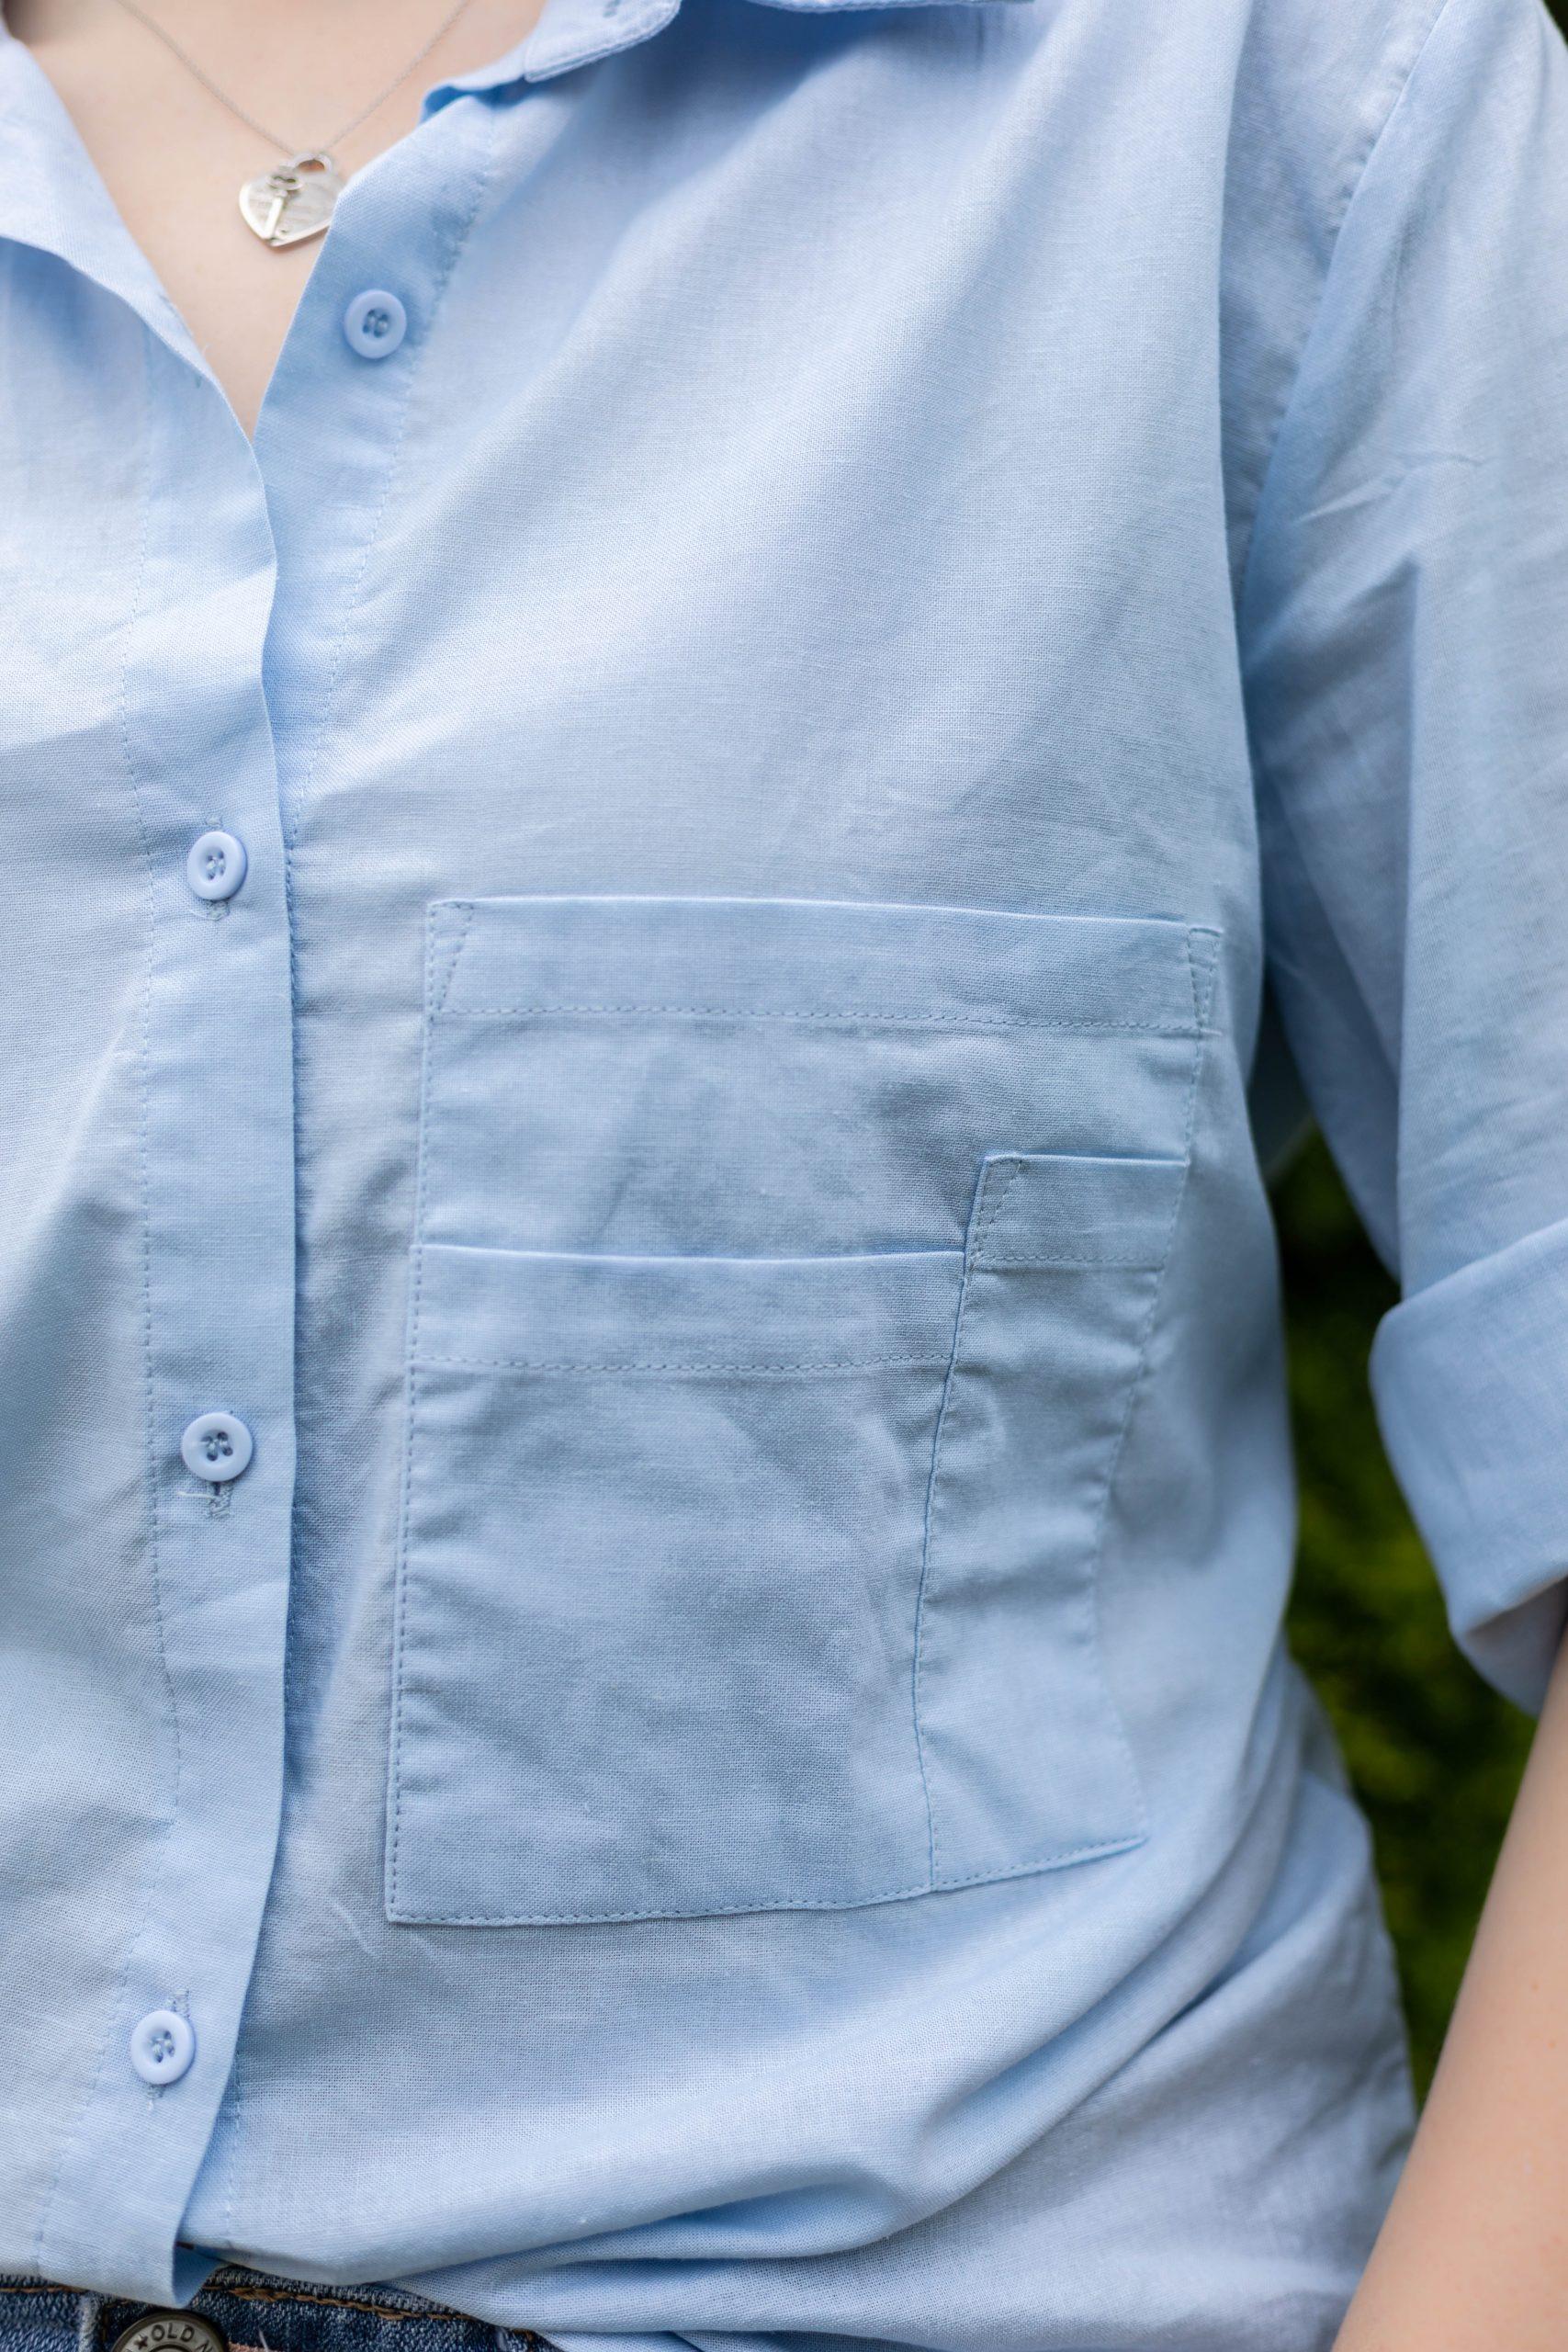 Oversized Linen Button-Up Shirt Worn by Annie Fairfax